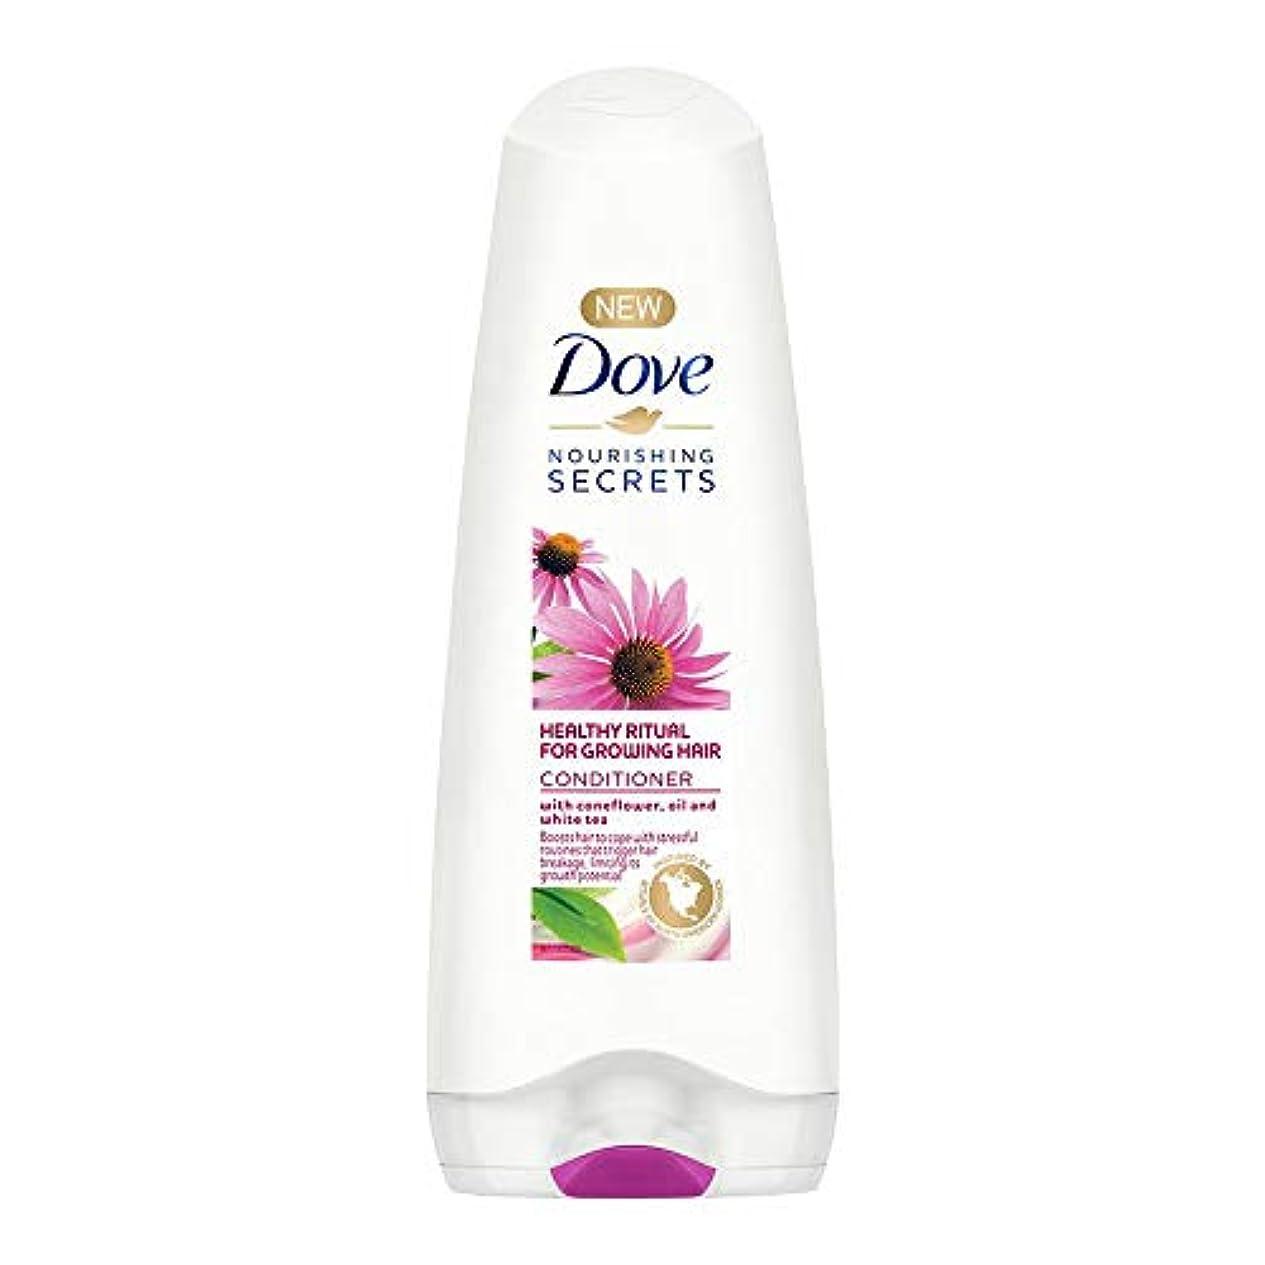 過去食物最終的にDove Healthy Ritual for Growing Hair Conditioner, 180 ml (Coneflower, Oil and White Tea)